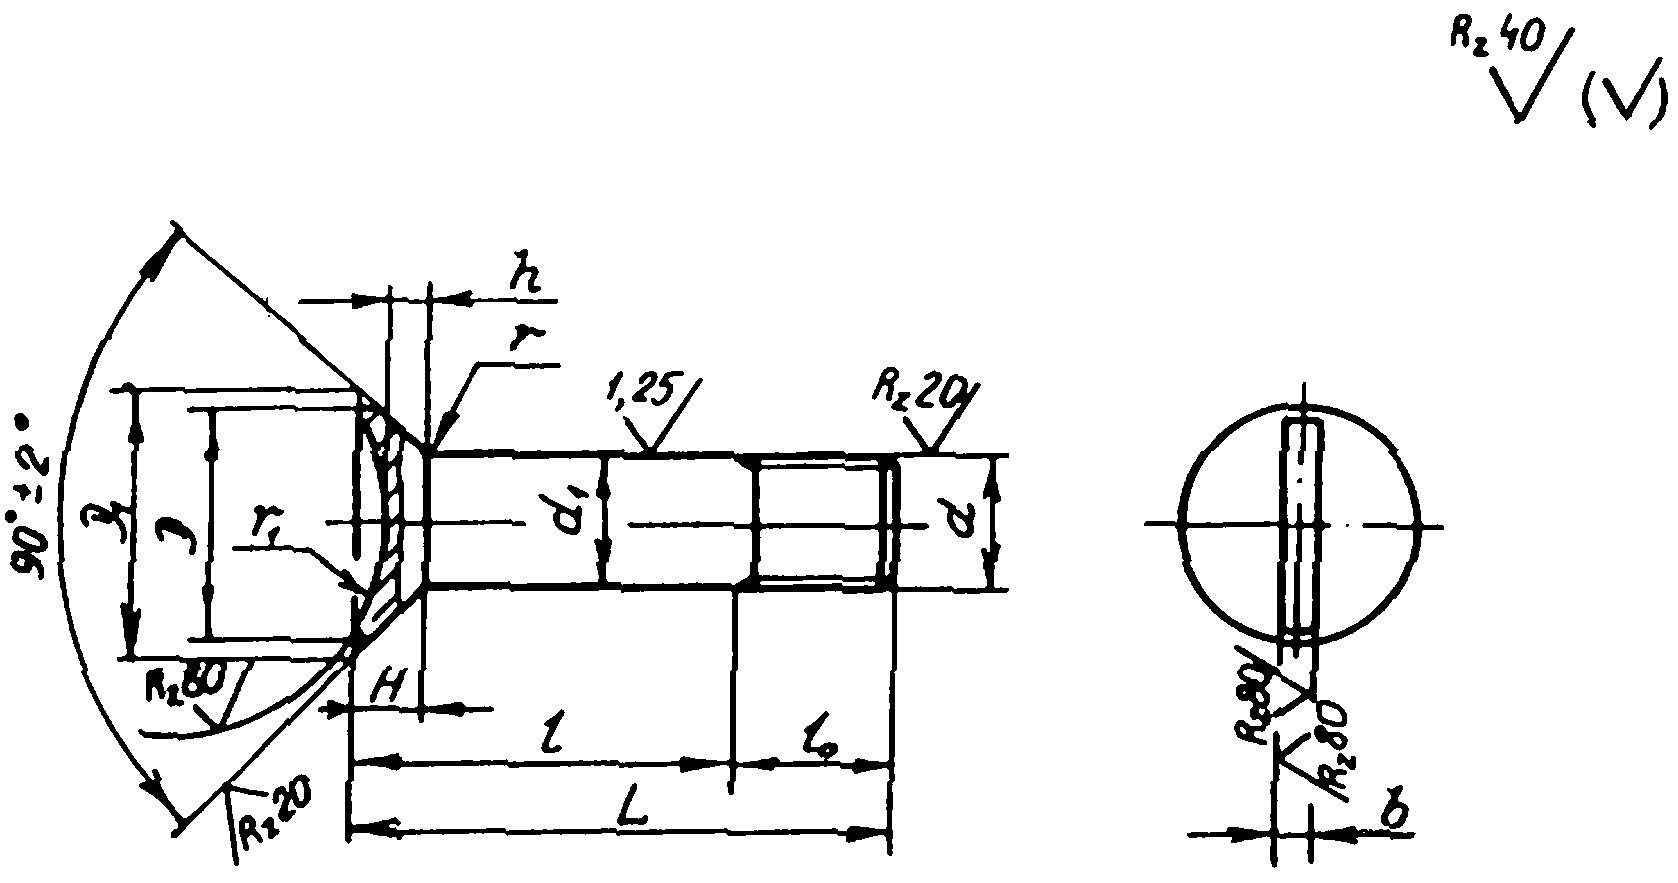 ОСТ 1 31 (181, 182)-80 Болты с потайной головкой углом 90° с полем допуска диаметра стержня h8 и укороченной резьбовой частью